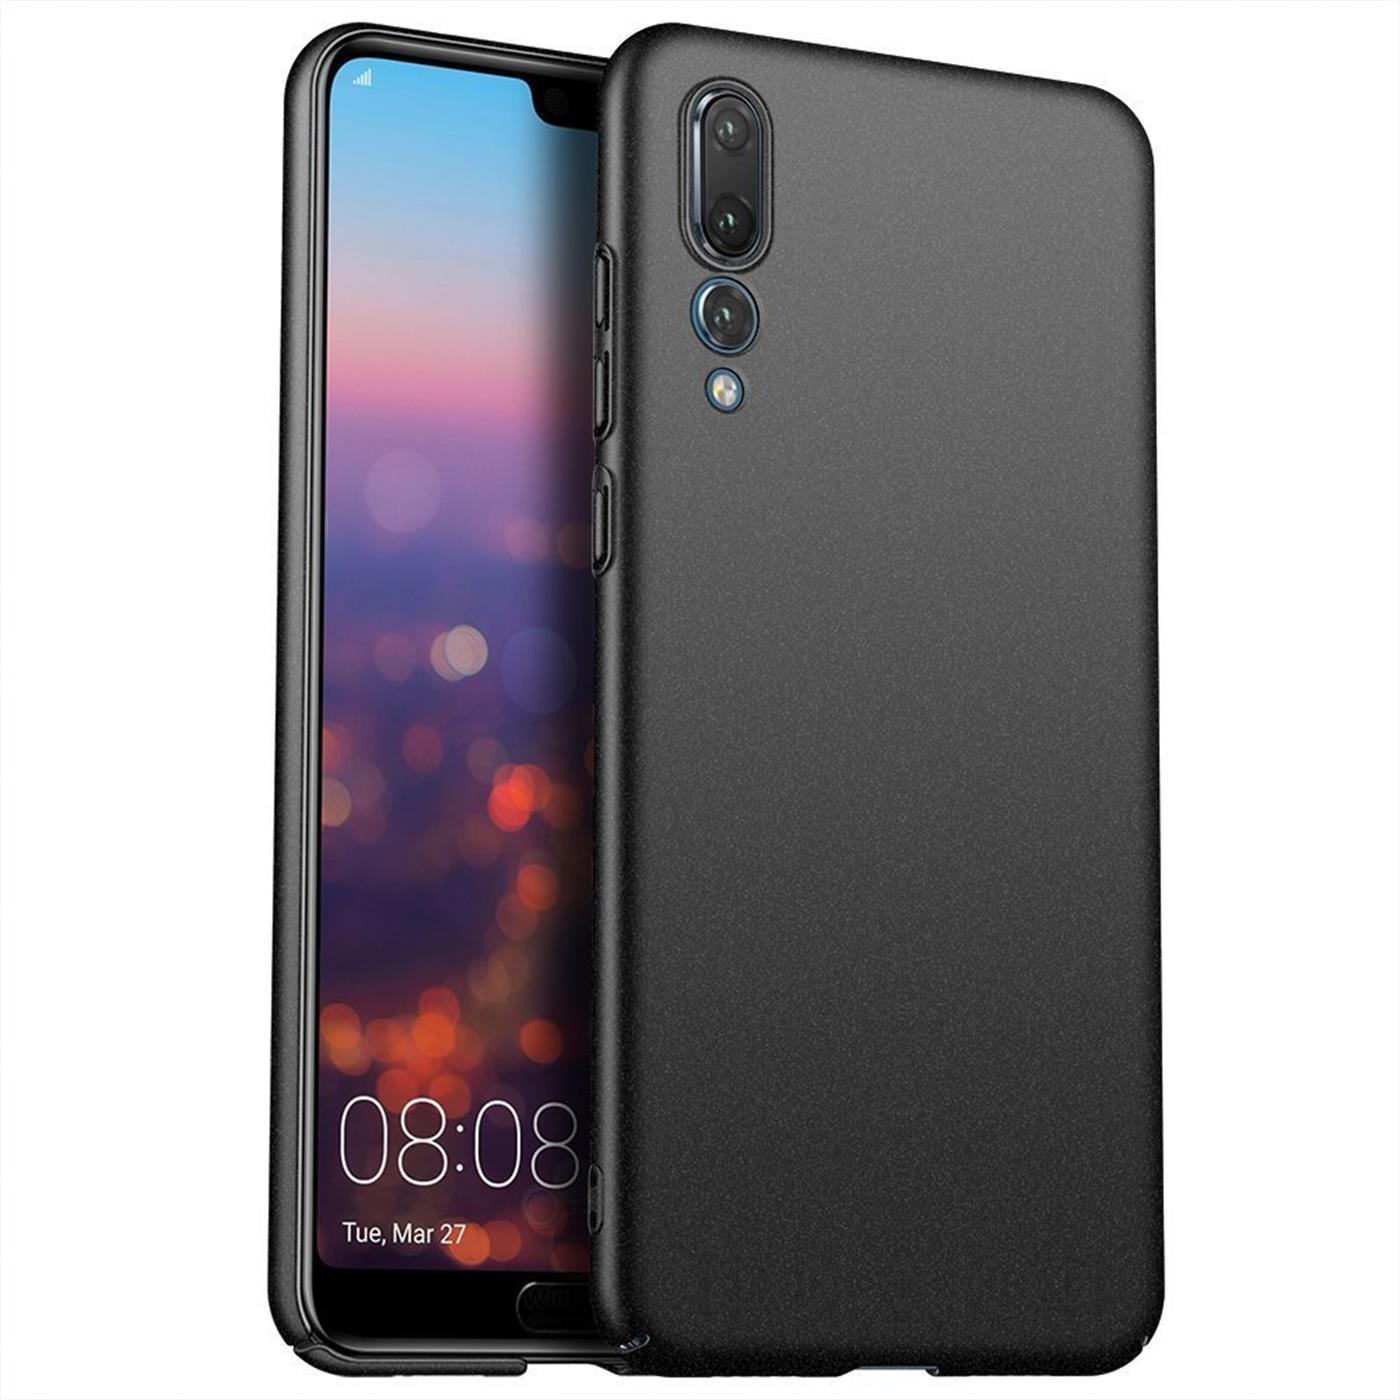 Huawei-Huelle-Handy-Case-Hardcase-Schutz-Cover-Slim-Tasche-Flache-Handyhuelle